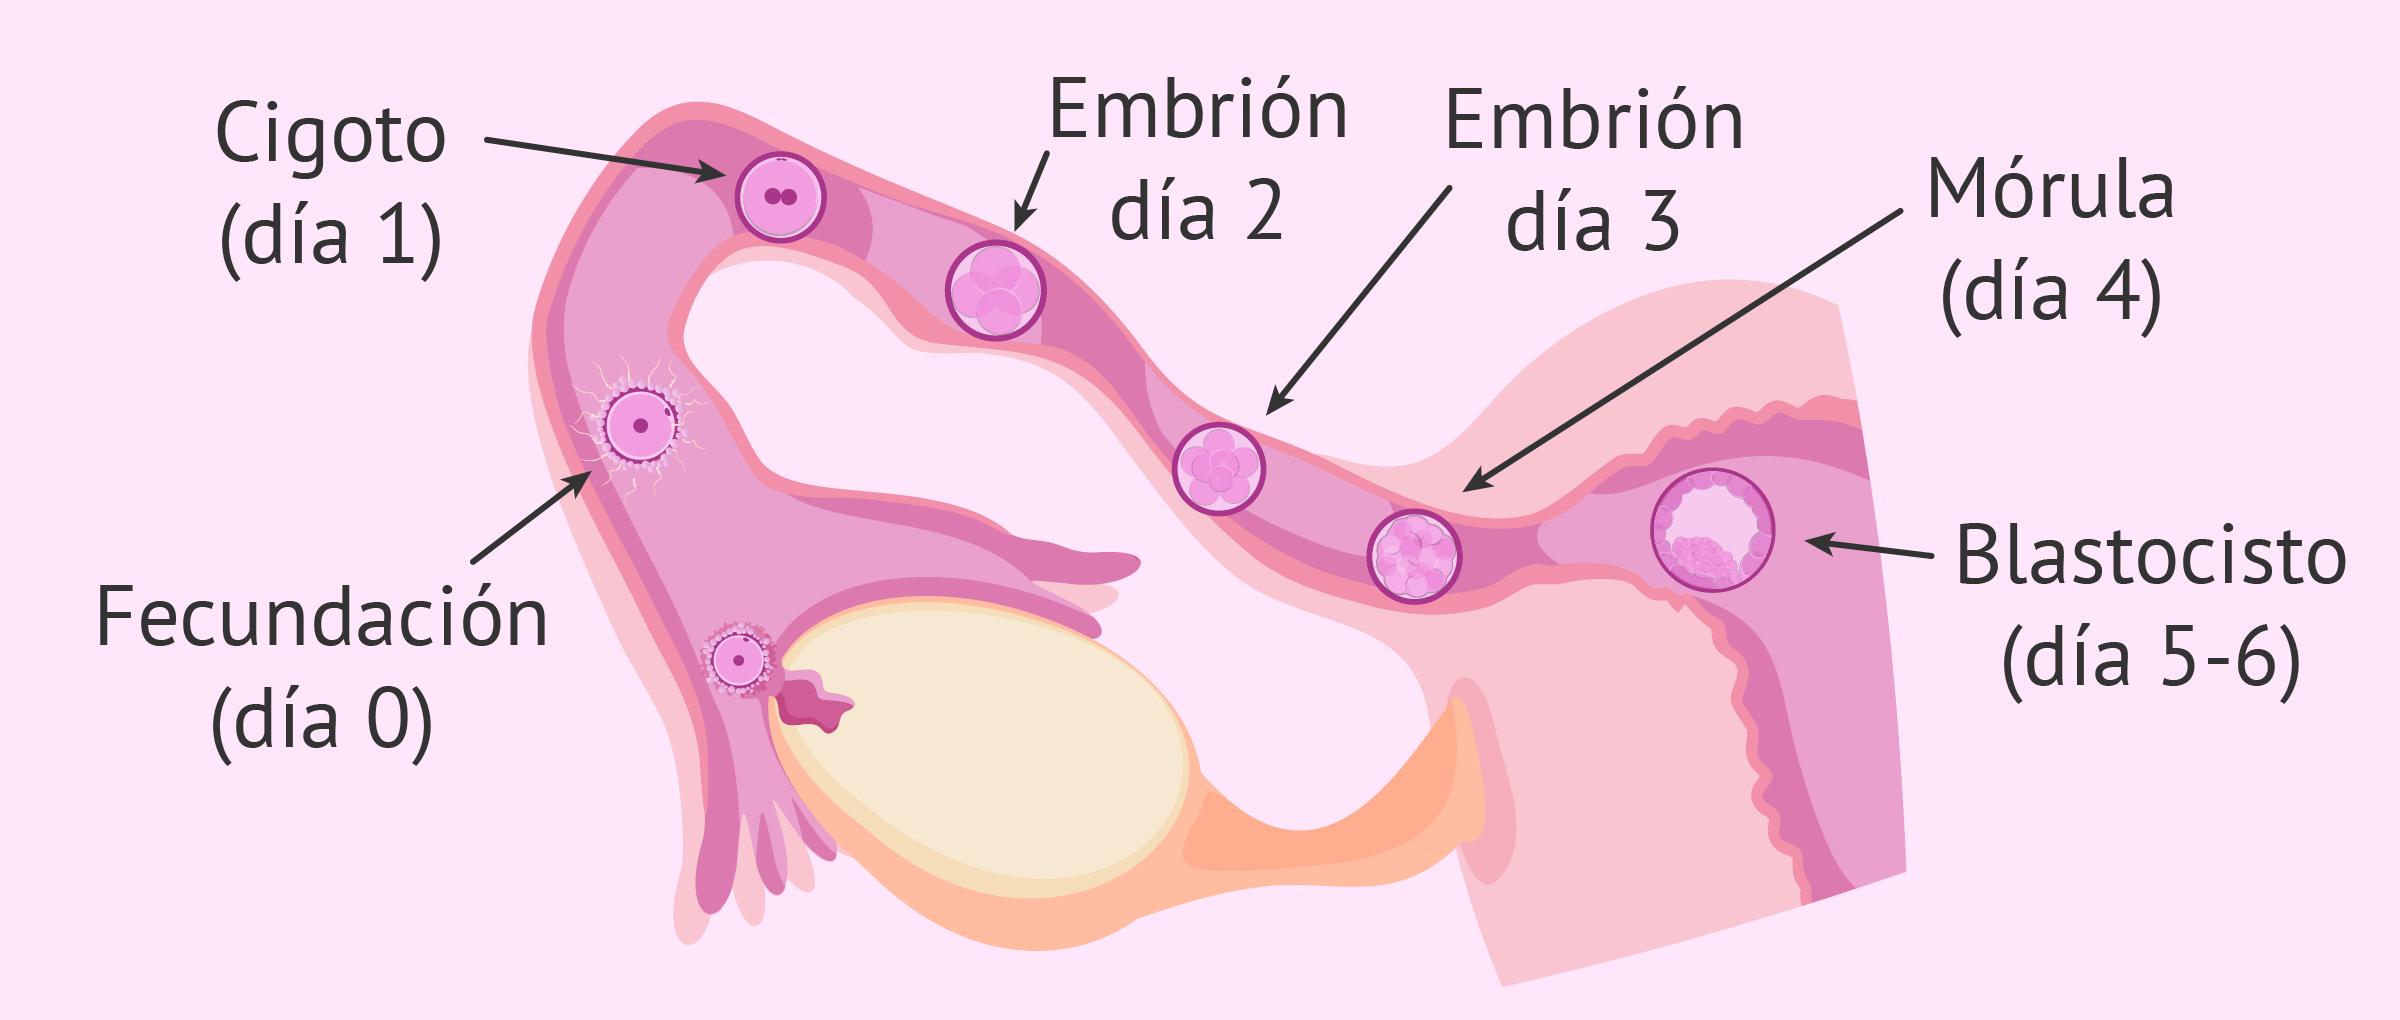 Semana 4 de embarazo: implantación del embrión en el útero